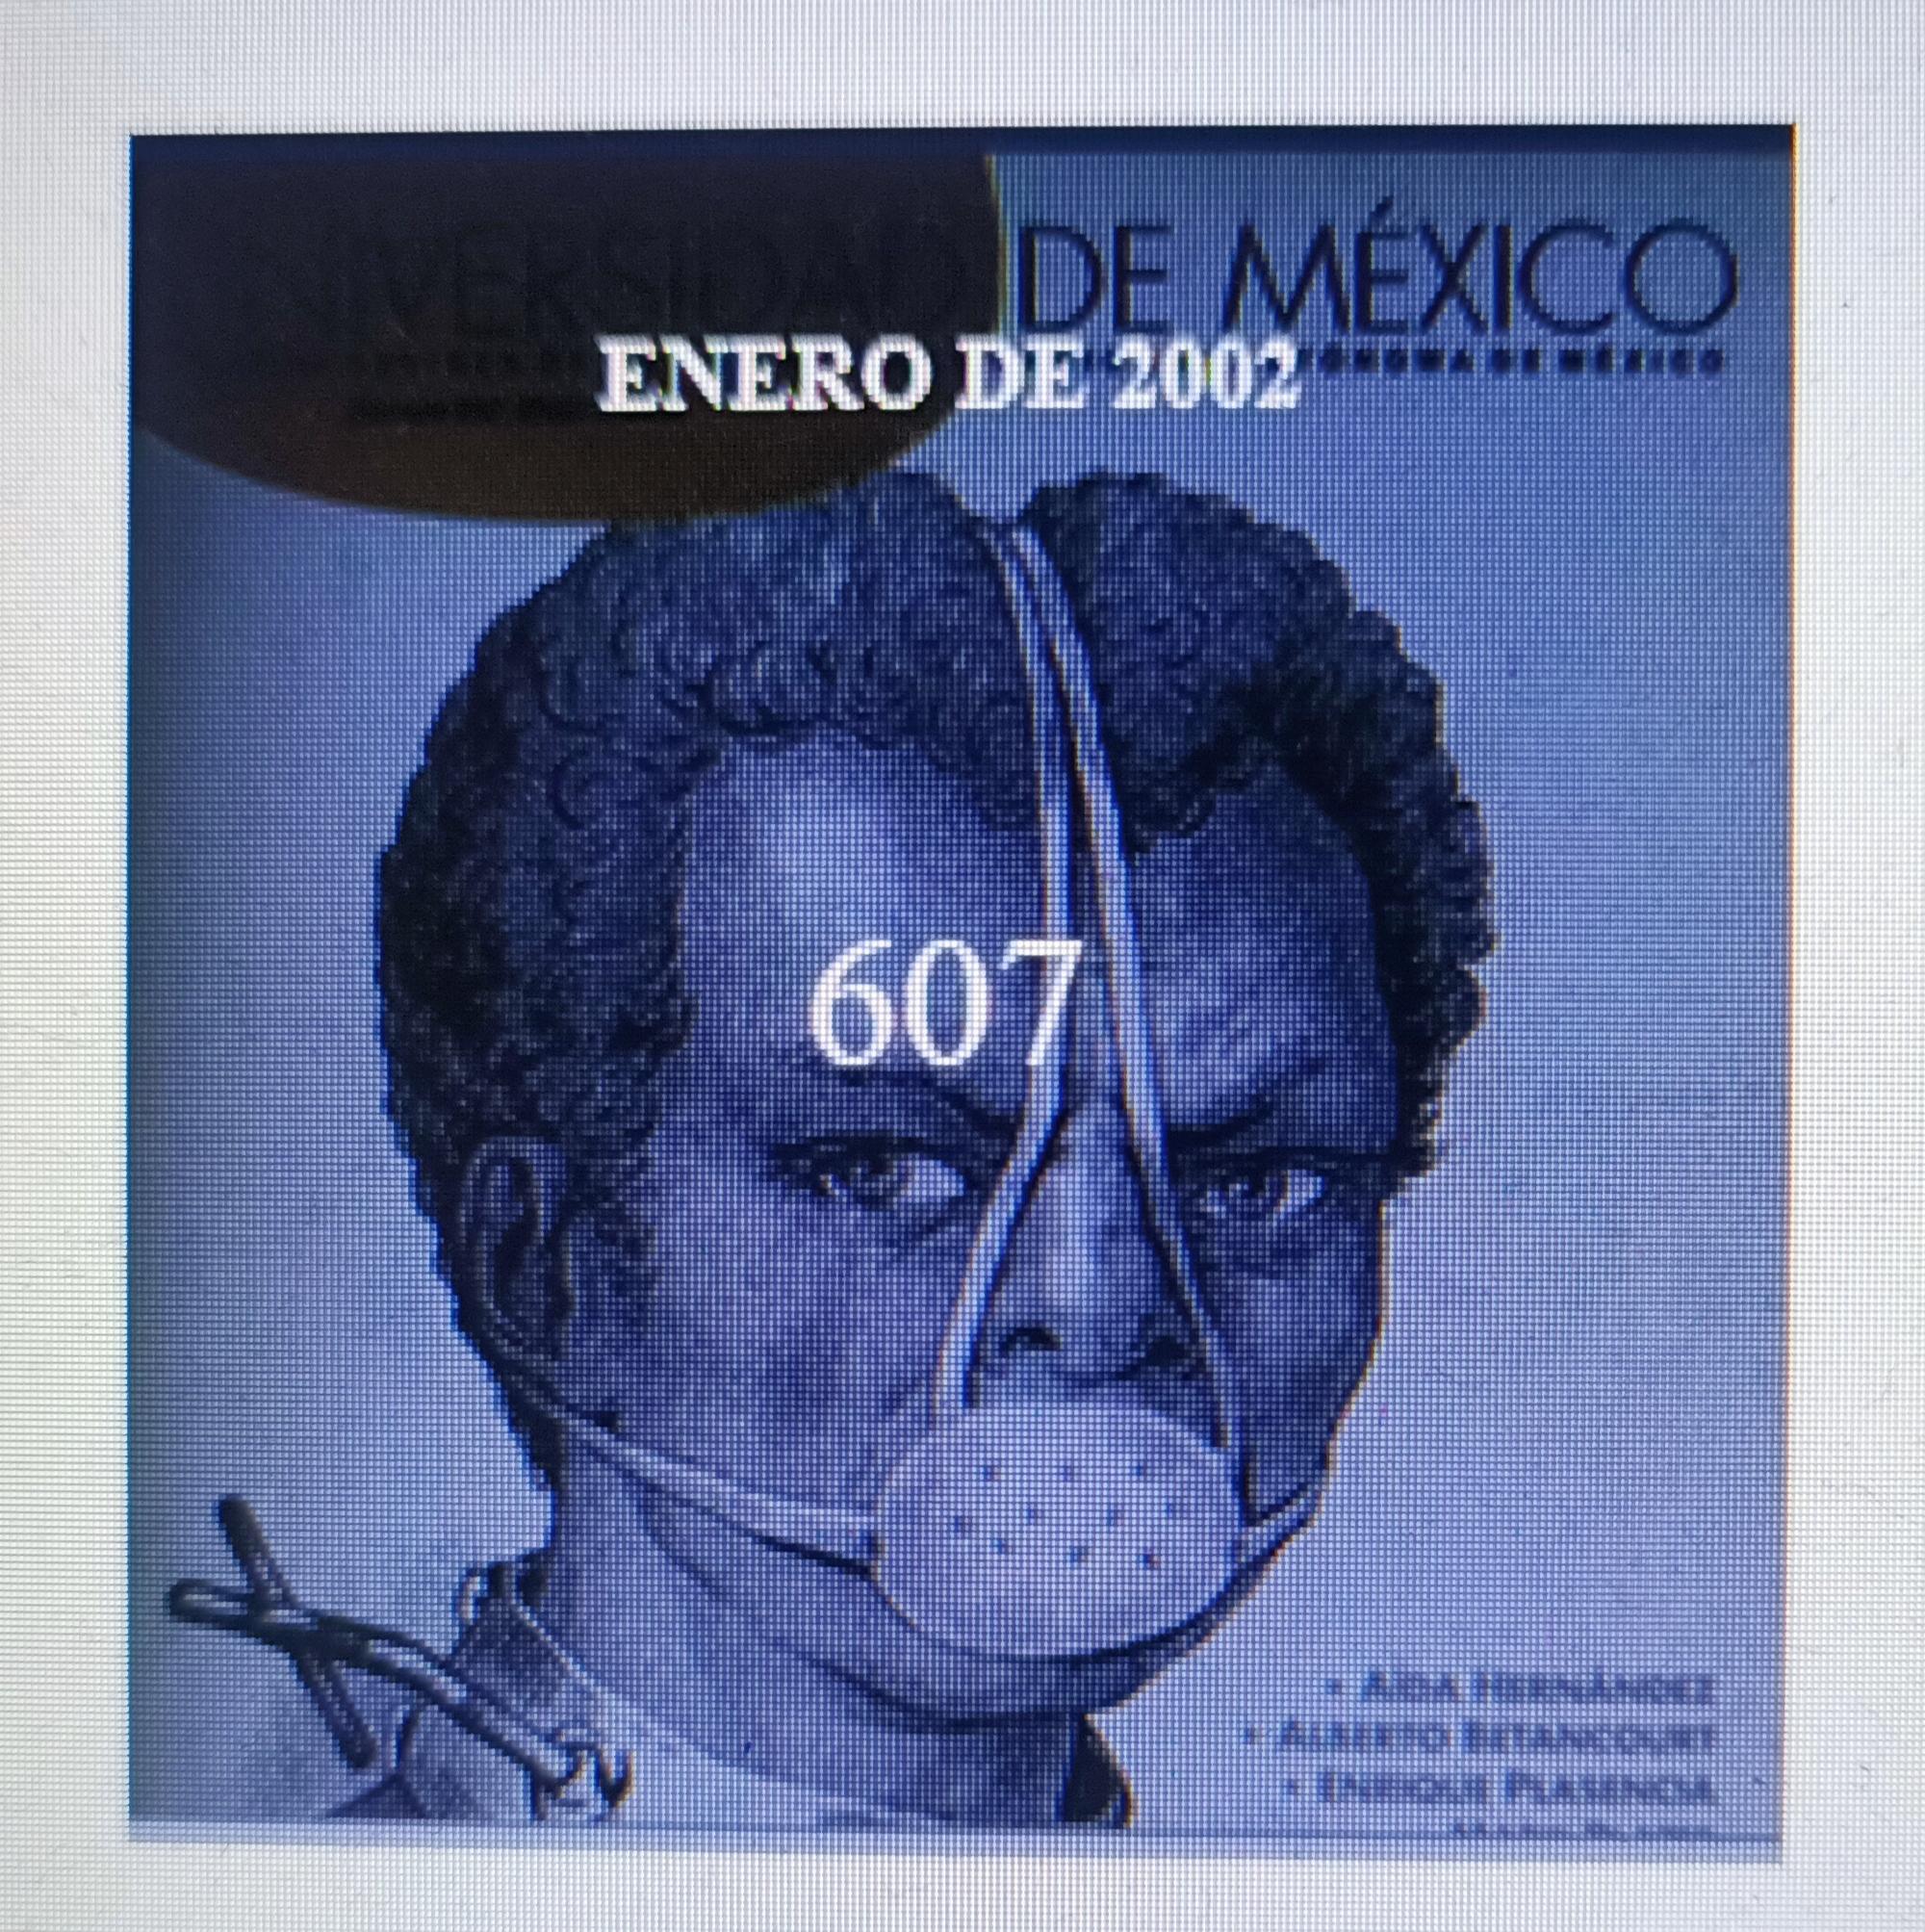 ENERO 2002